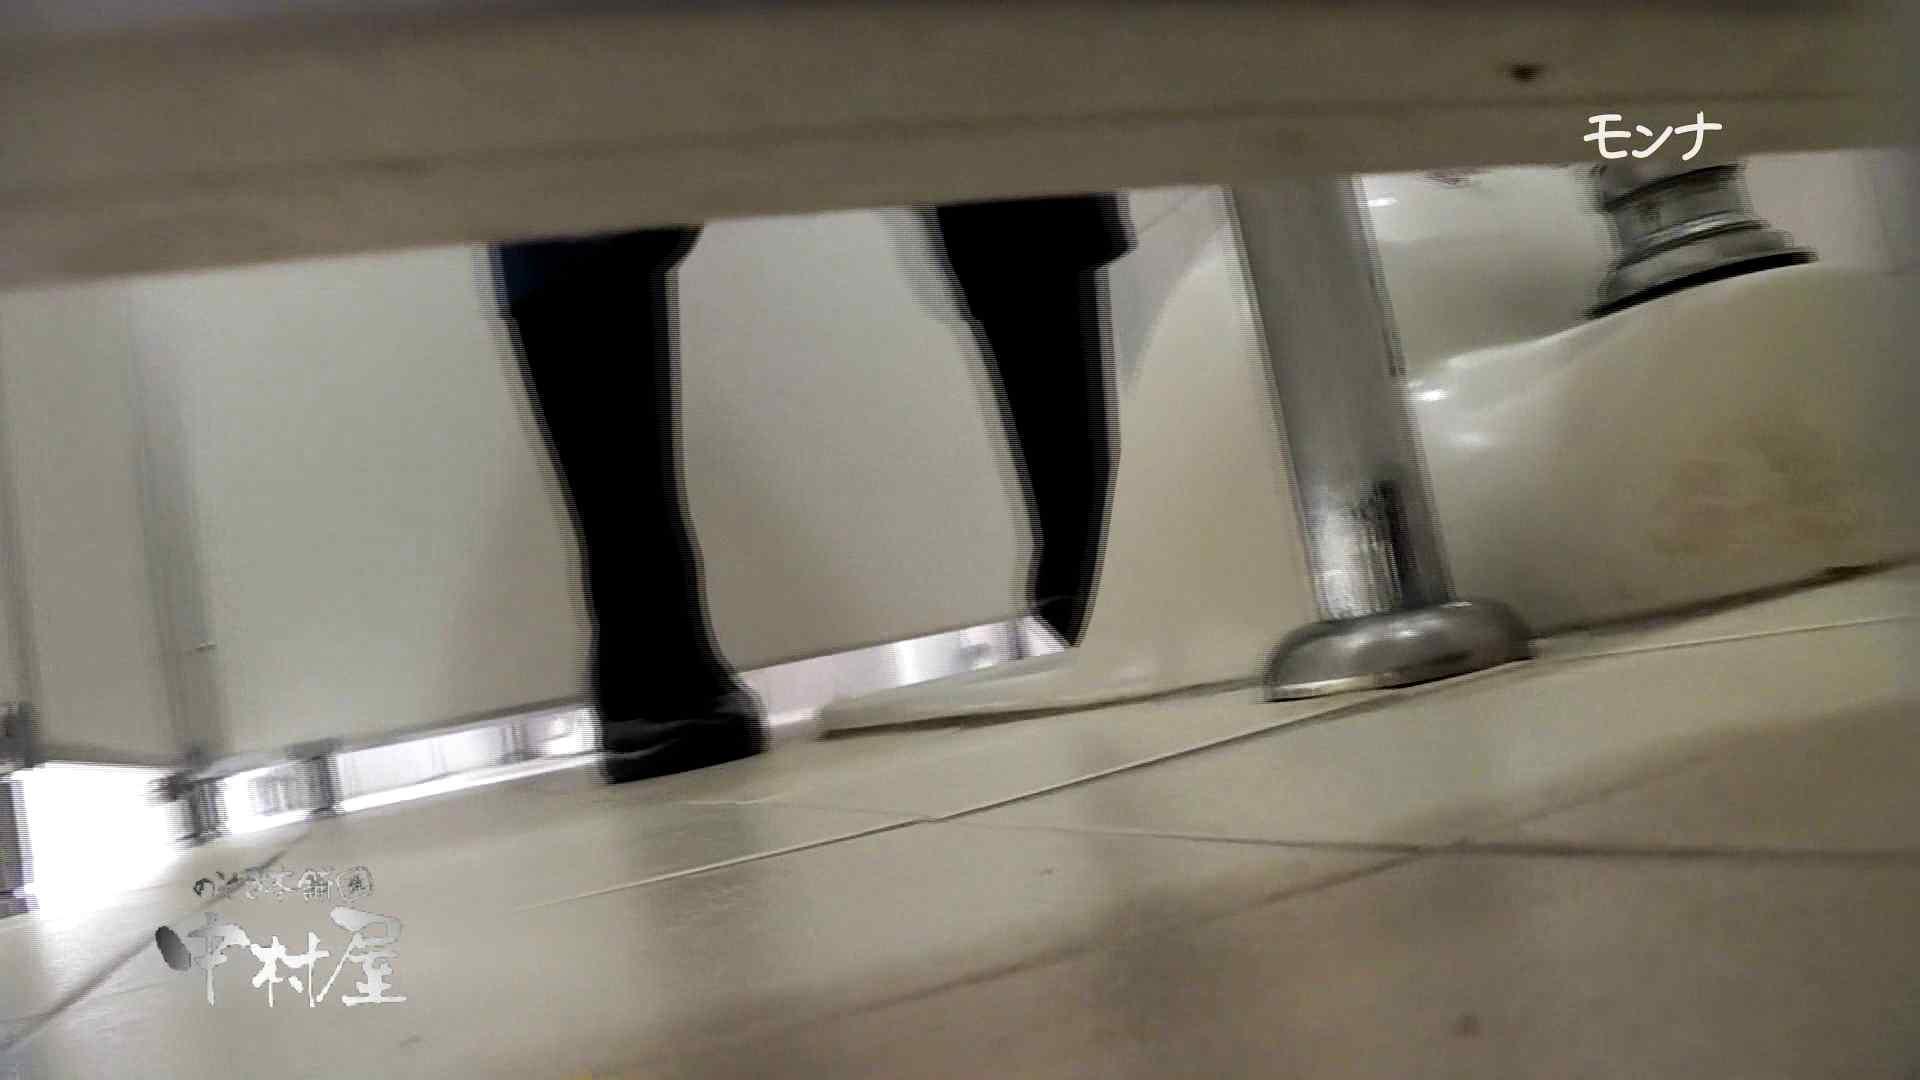 【美しい日本の未来】新学期!!下半身中心に攻めてます美女可愛い女子悪戯盗satuトイレ後編 トイレ流出 | 悪戯  82連発 69